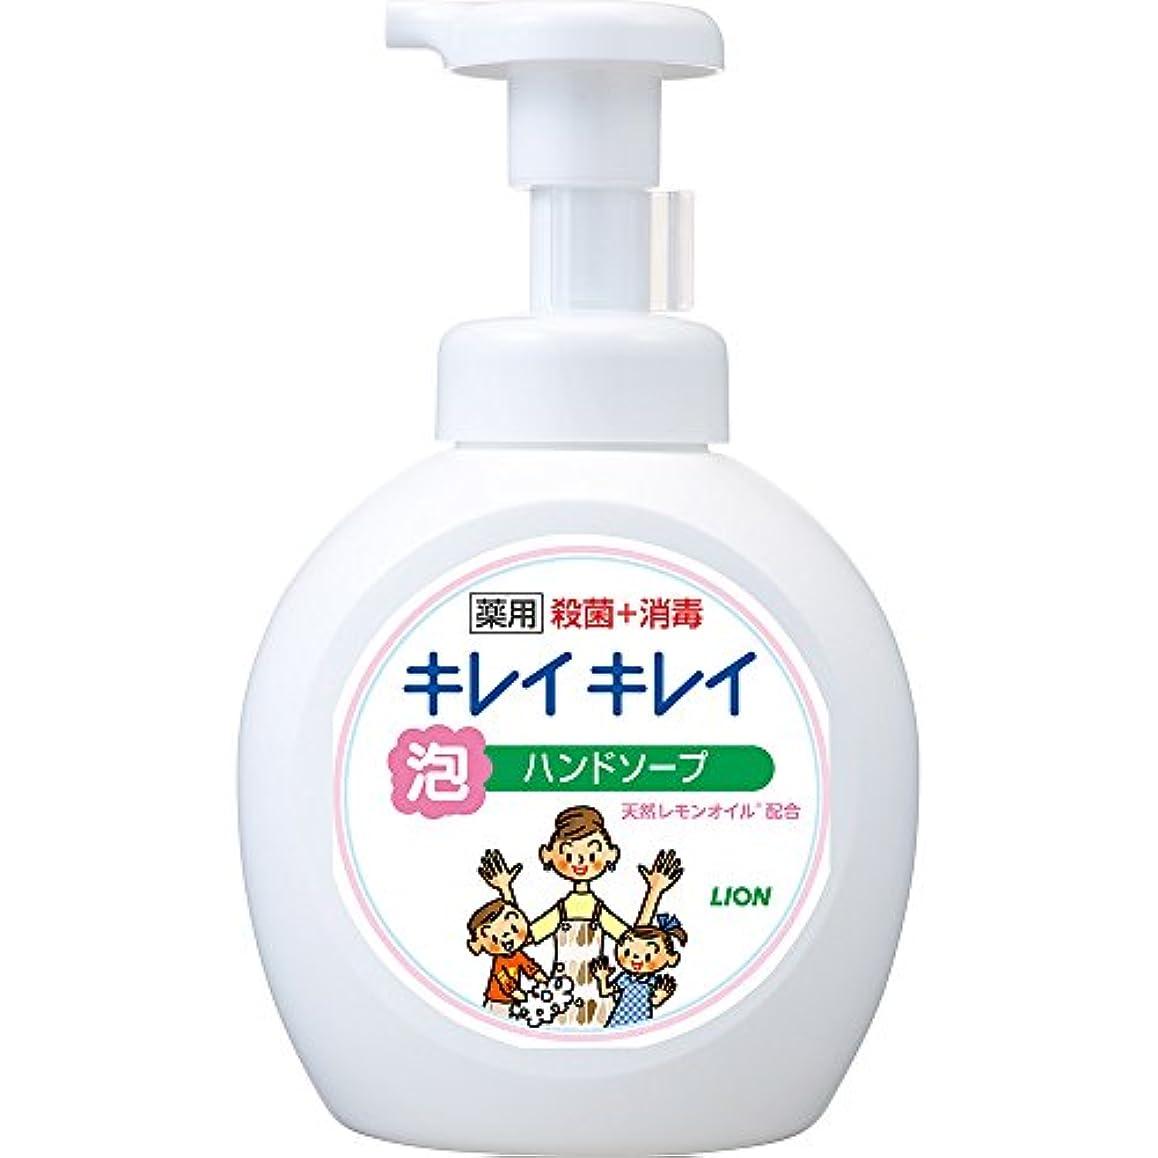 役に立たない神経障害文キレイキレイ 薬用 泡ハンドソープ シトラスフルーティの香り 本体ポンプ 大型サイズ 500ml(医薬部外品)